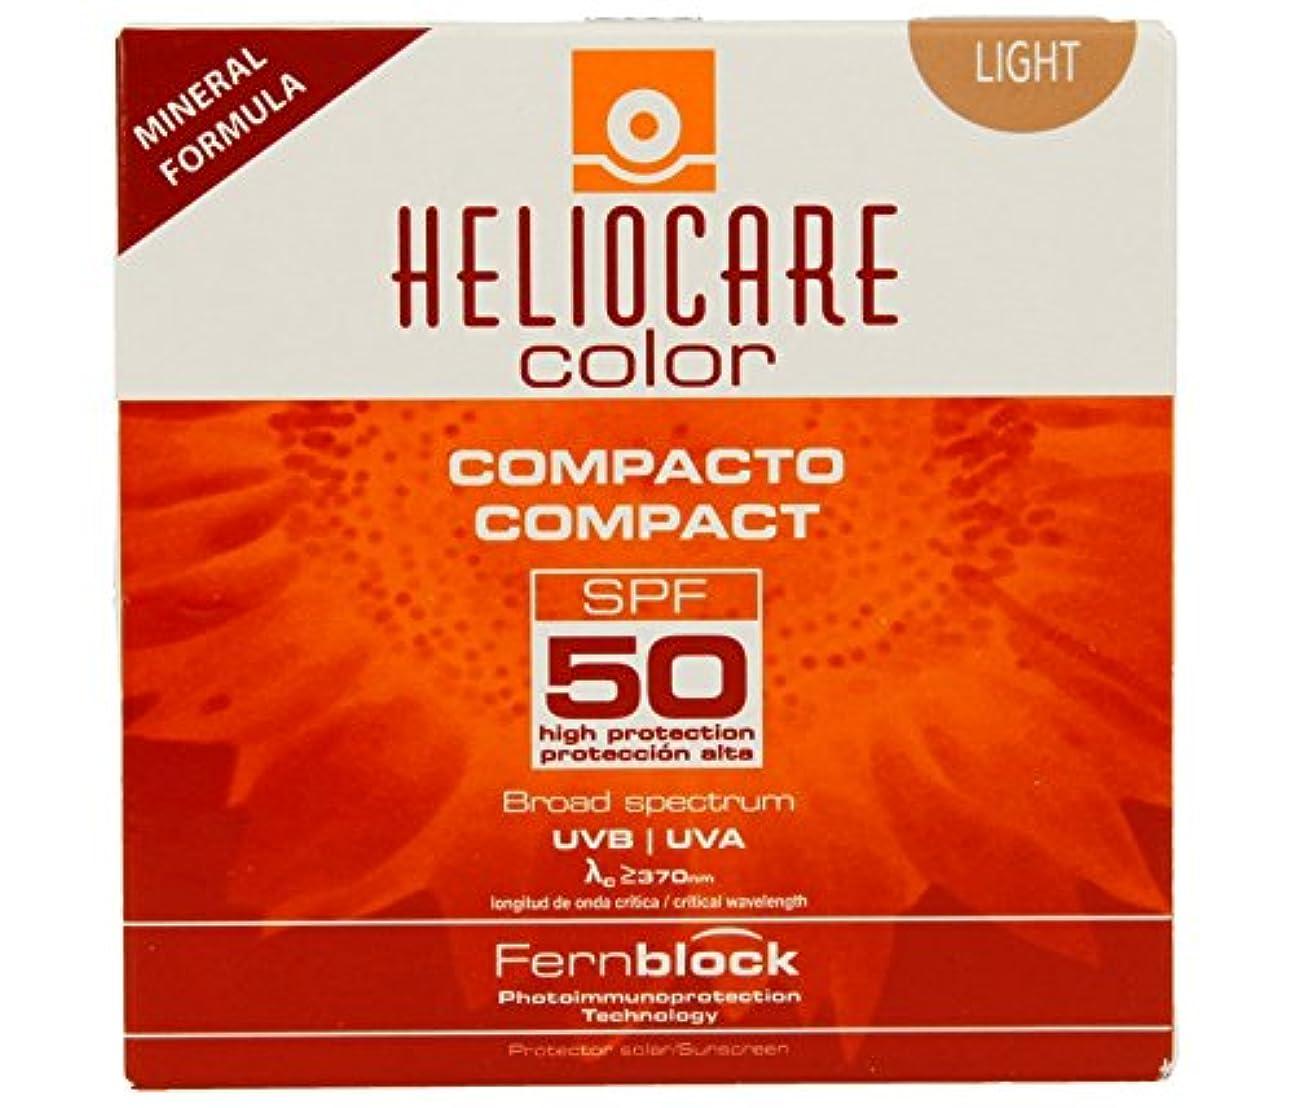 社員それら乳剤Heliocare 50コンパクトパウダーカラーライト10グラム